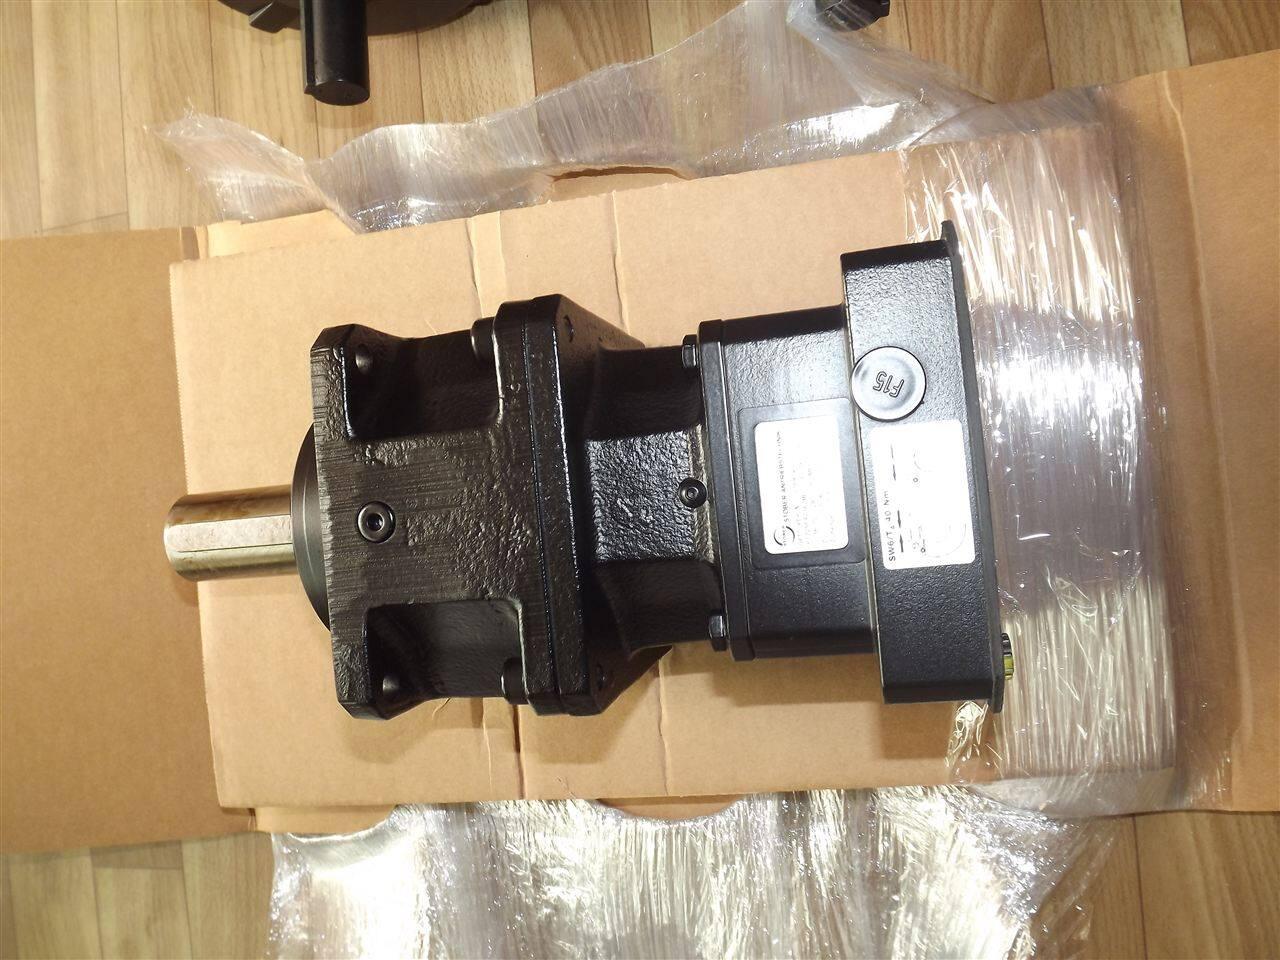 上海儒隆自动化科技有限公司供应德国STOBER电机、STOBER减速机、STOBER伺服电机、STOBER驱动器。联系电话:021-31001530。 STOBER(施托贝尔)成立于1934年,STOBER公司专门从事一般机械制造和摩托车发动机的修理。在未来的几年中,STOBER超大规模紧凑调速装置,可以独立适用于不同类型的机械生产。德国STOBER系列产品:运动控制,伺服控制、伺服电机、电源 、变速器 、三相电机。STOBER产品主要应用于机器人技术、材料处理、包装、机床、医疗设备、半导体制造、航空航